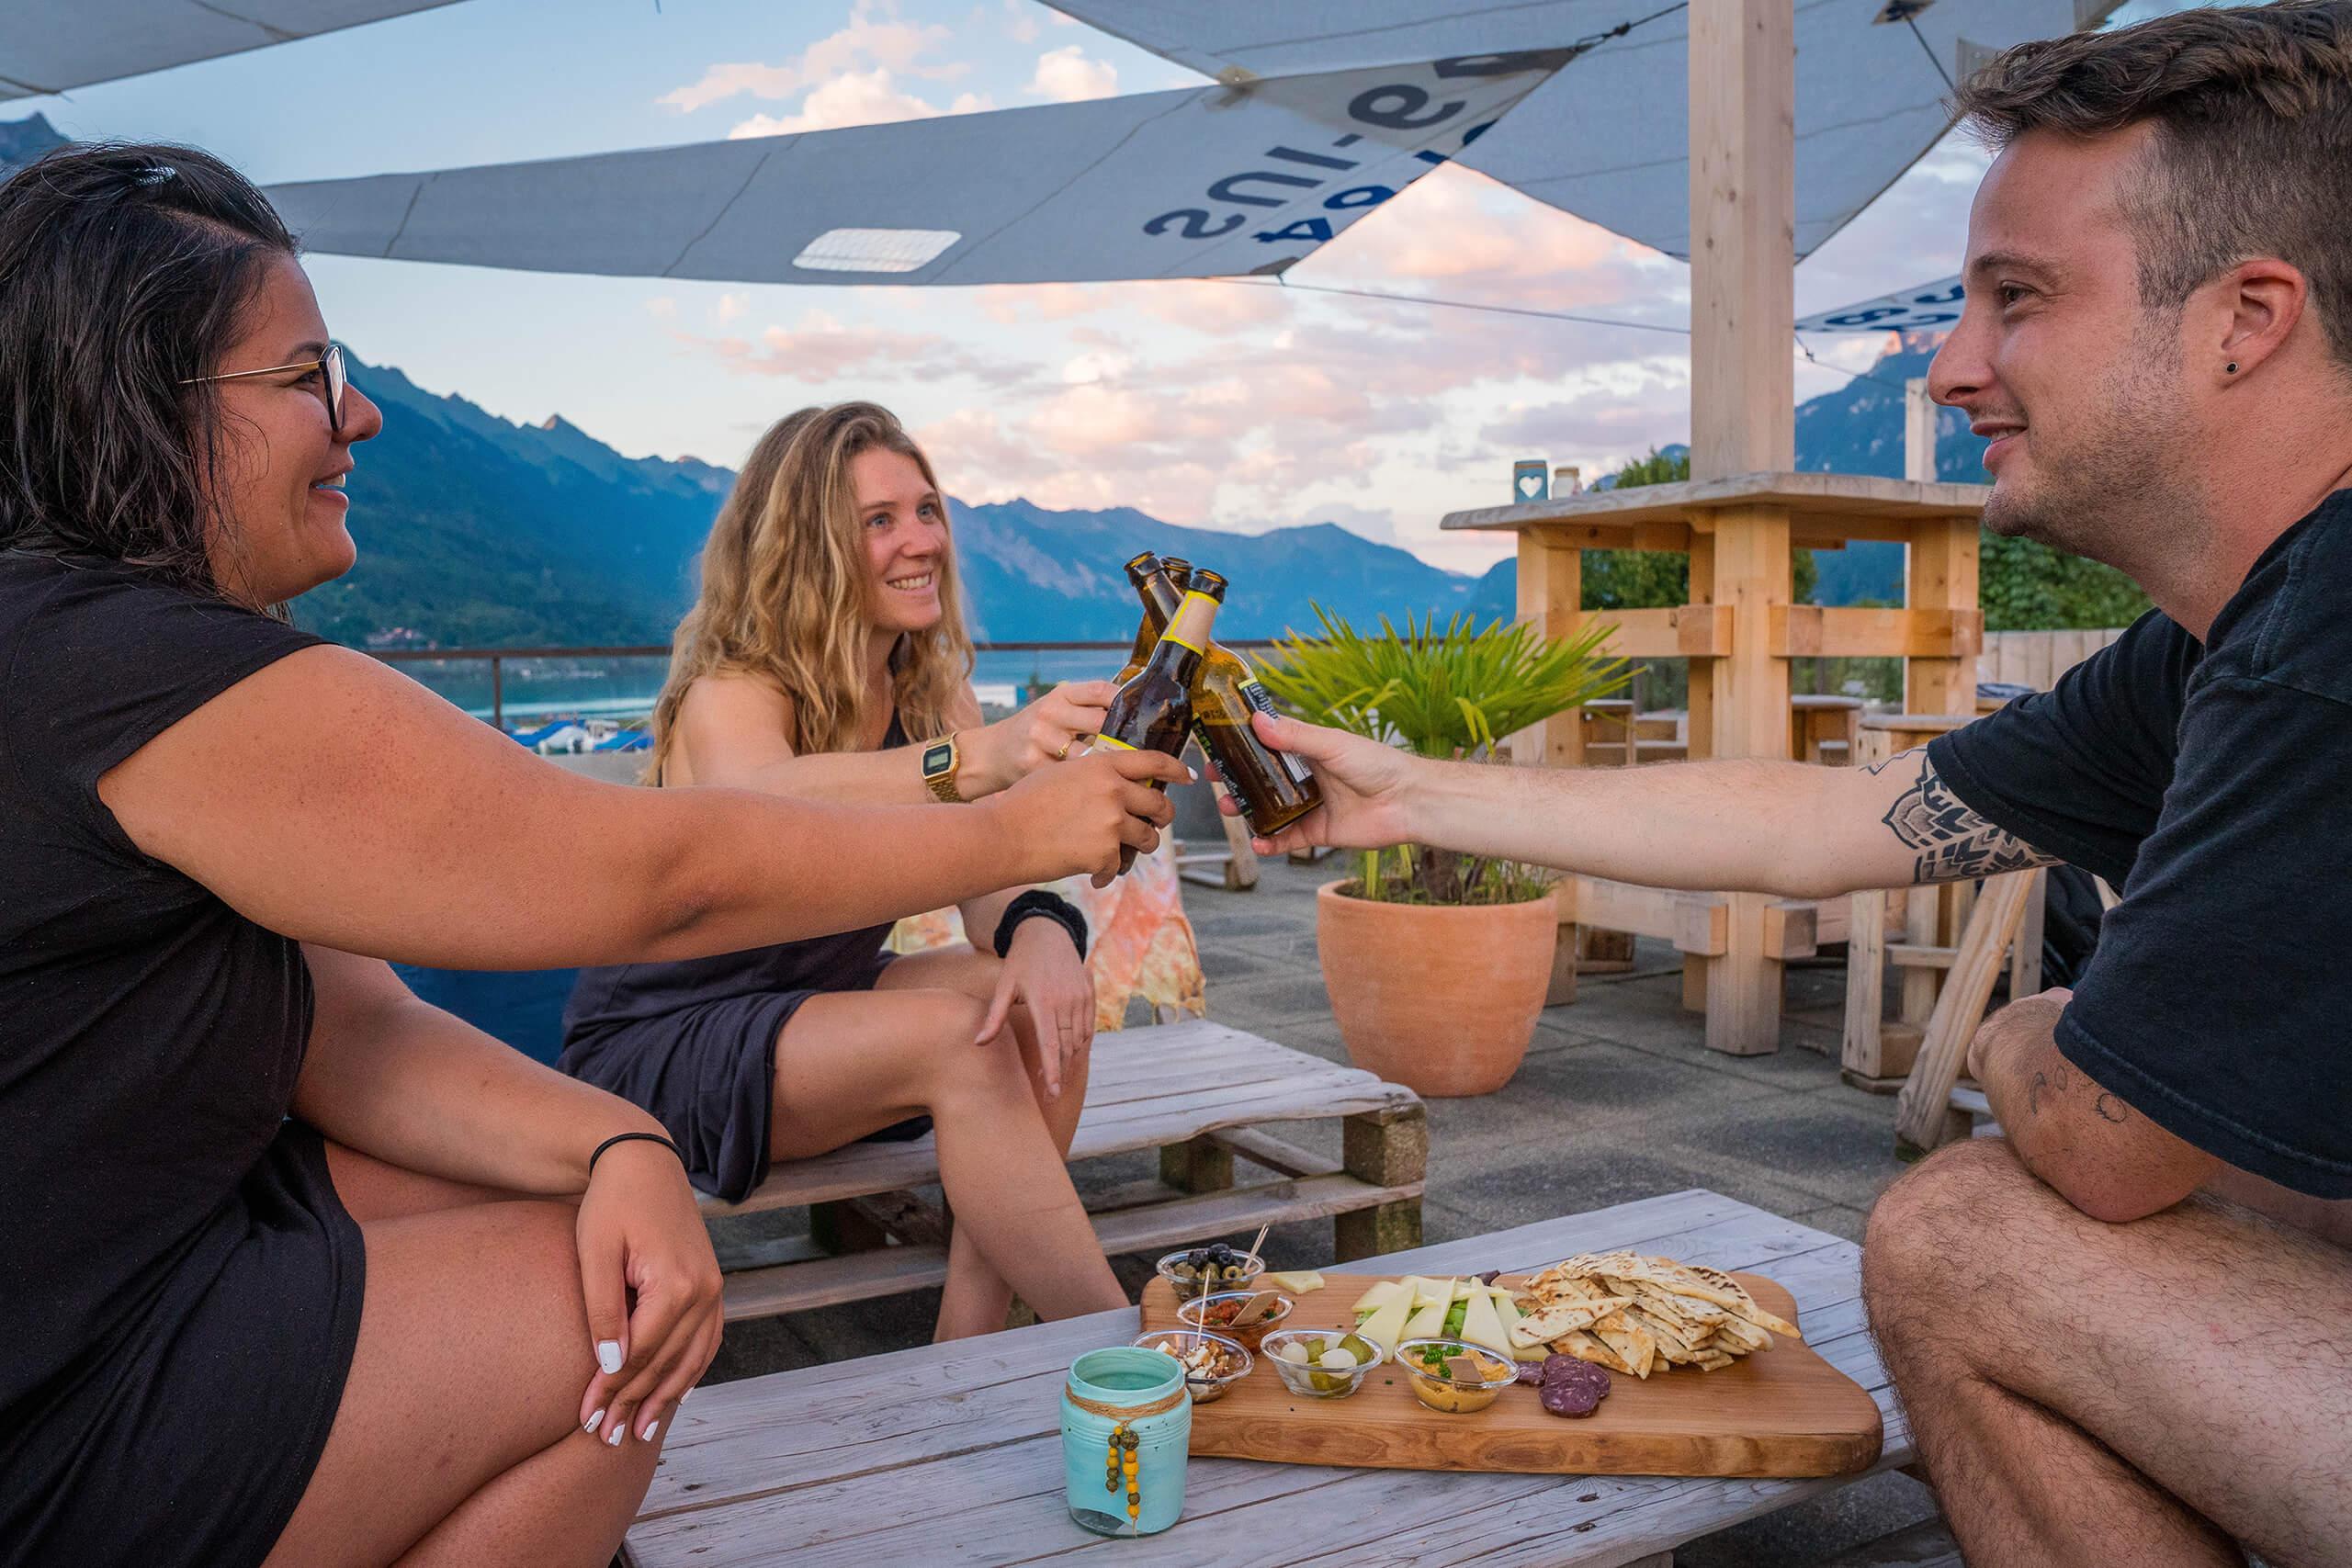 boenigen-strandbad-sommer-terrasse-seesicht-prosit.jpg